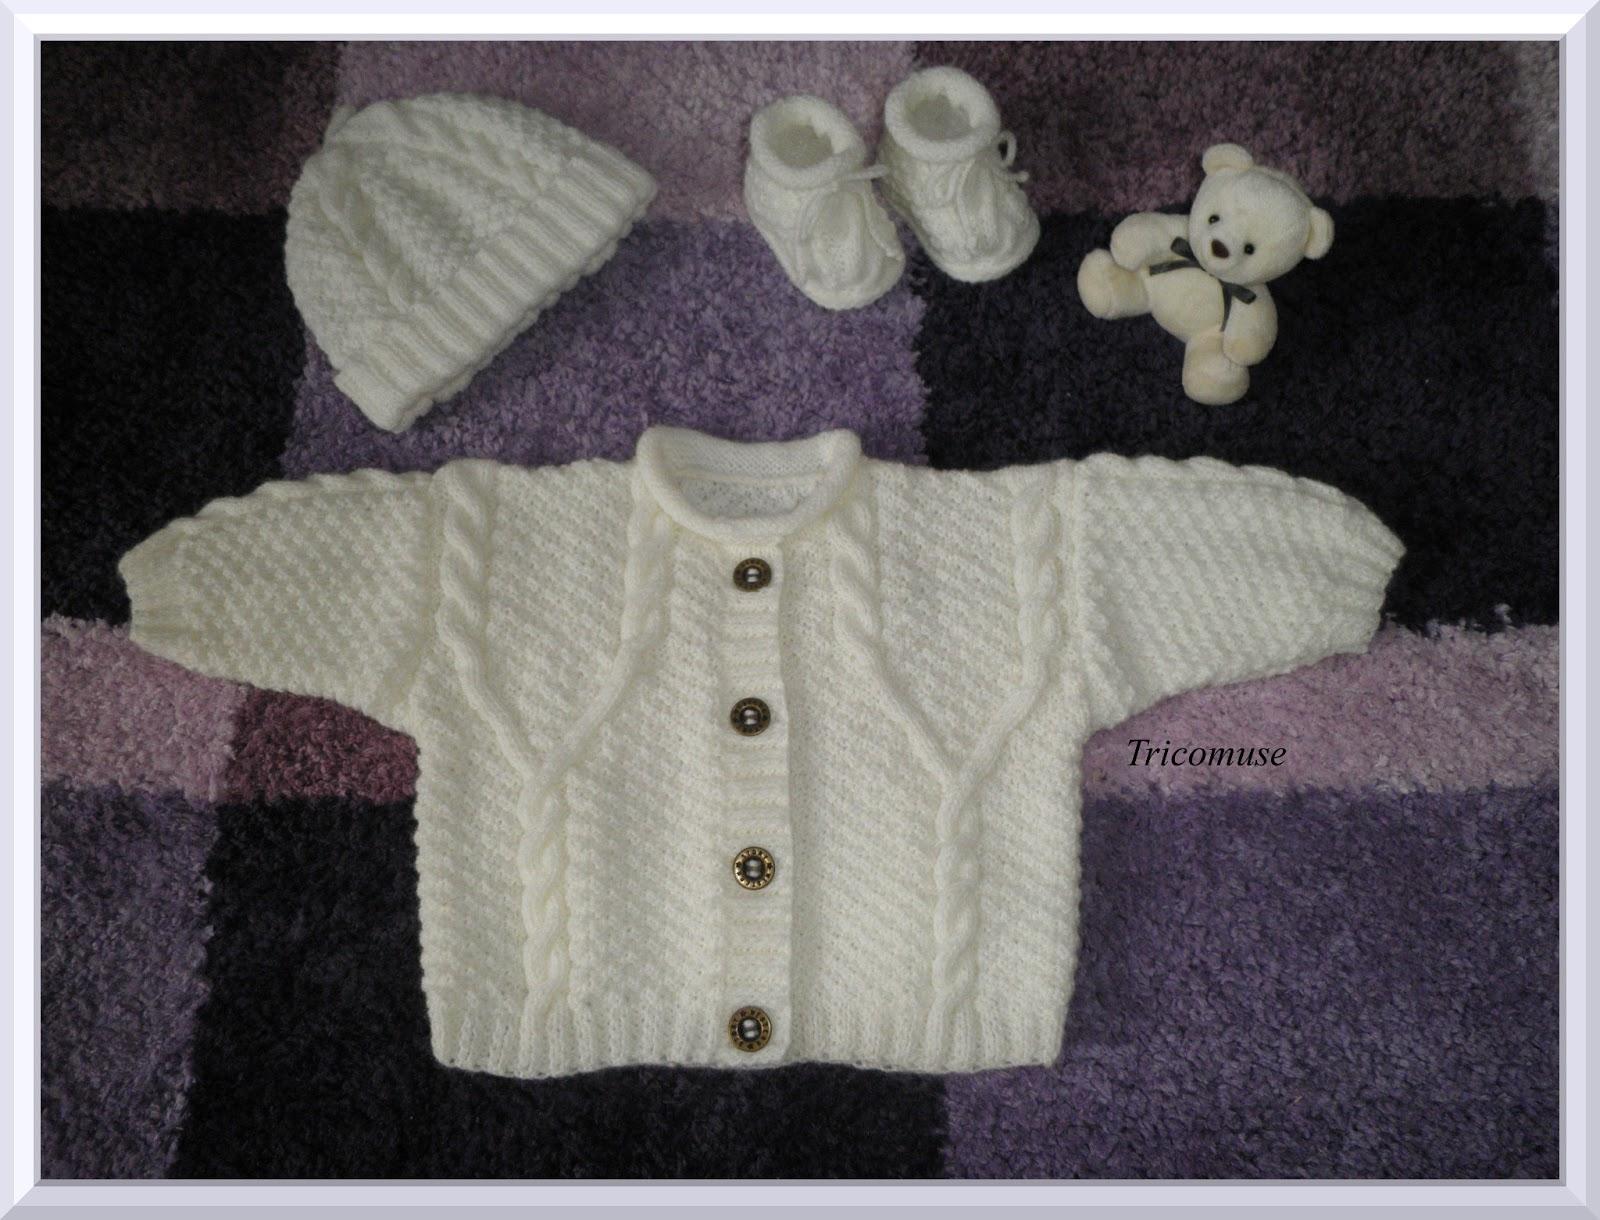 641aa03854bd Tricot et compagnie  Gilet bébé irlandais, bonnet et chaussons assortis